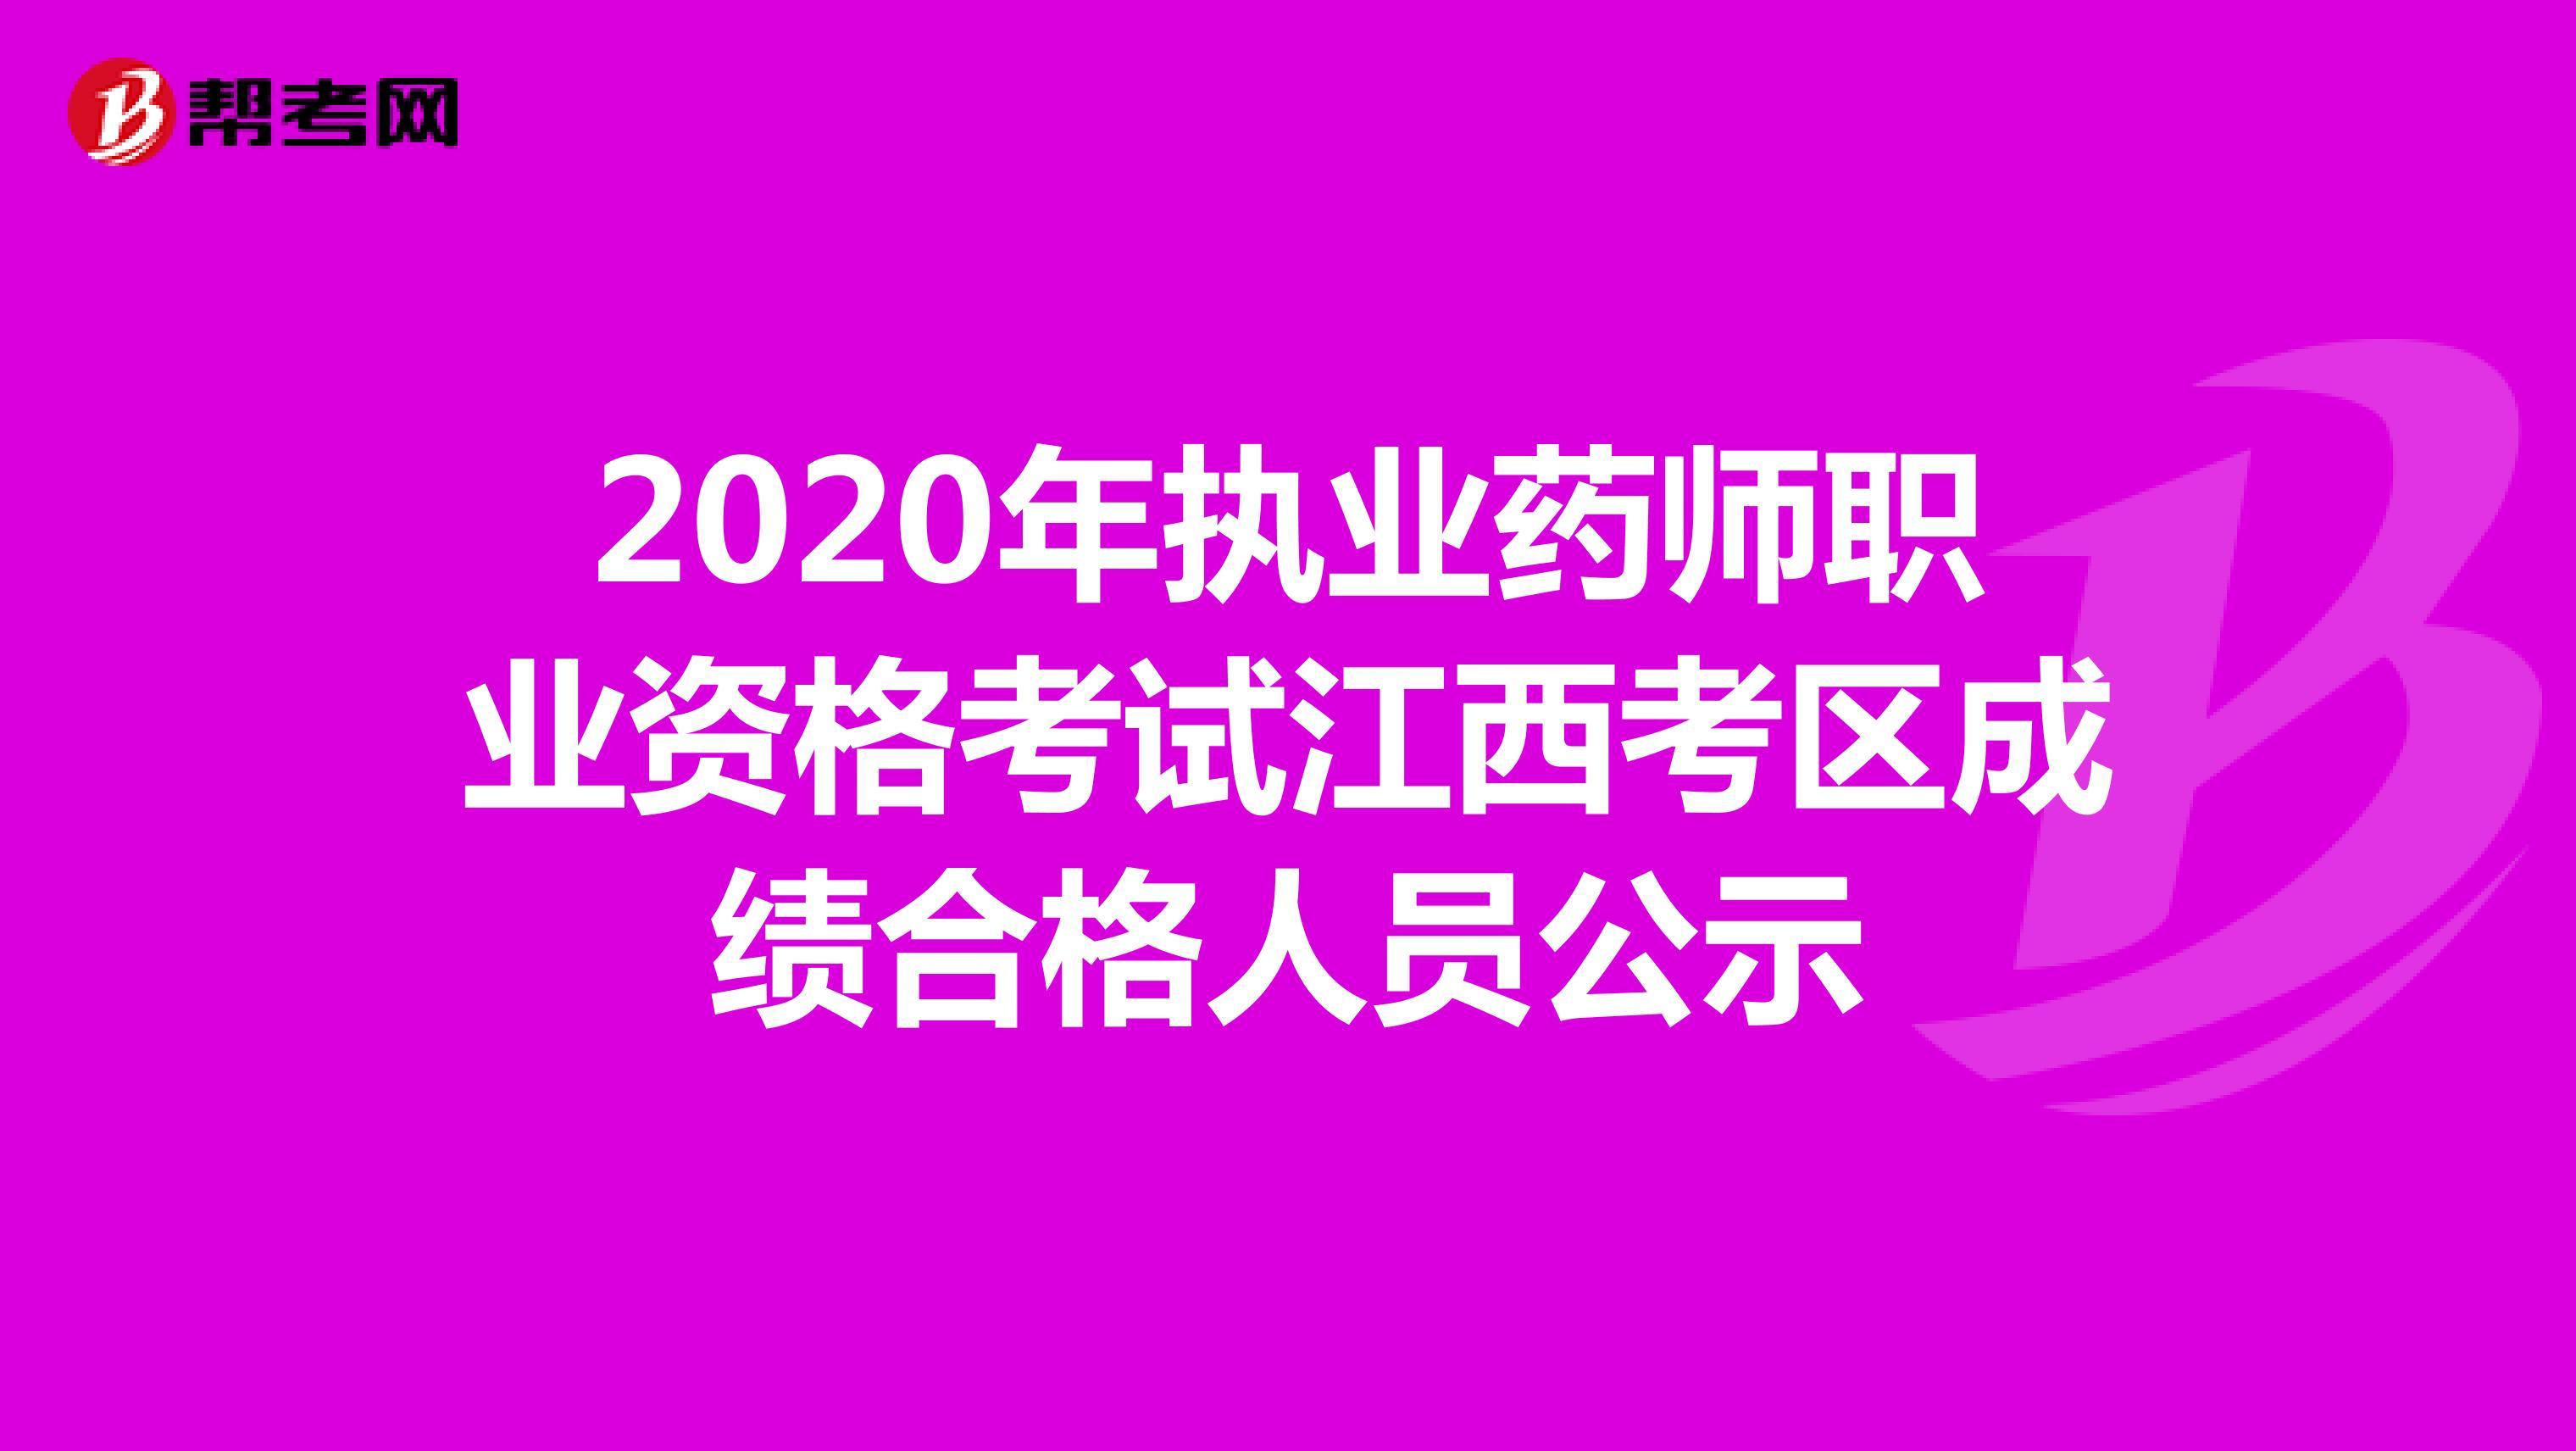 2020年执业药师职业资格考试江西考区成绩合格人员公示